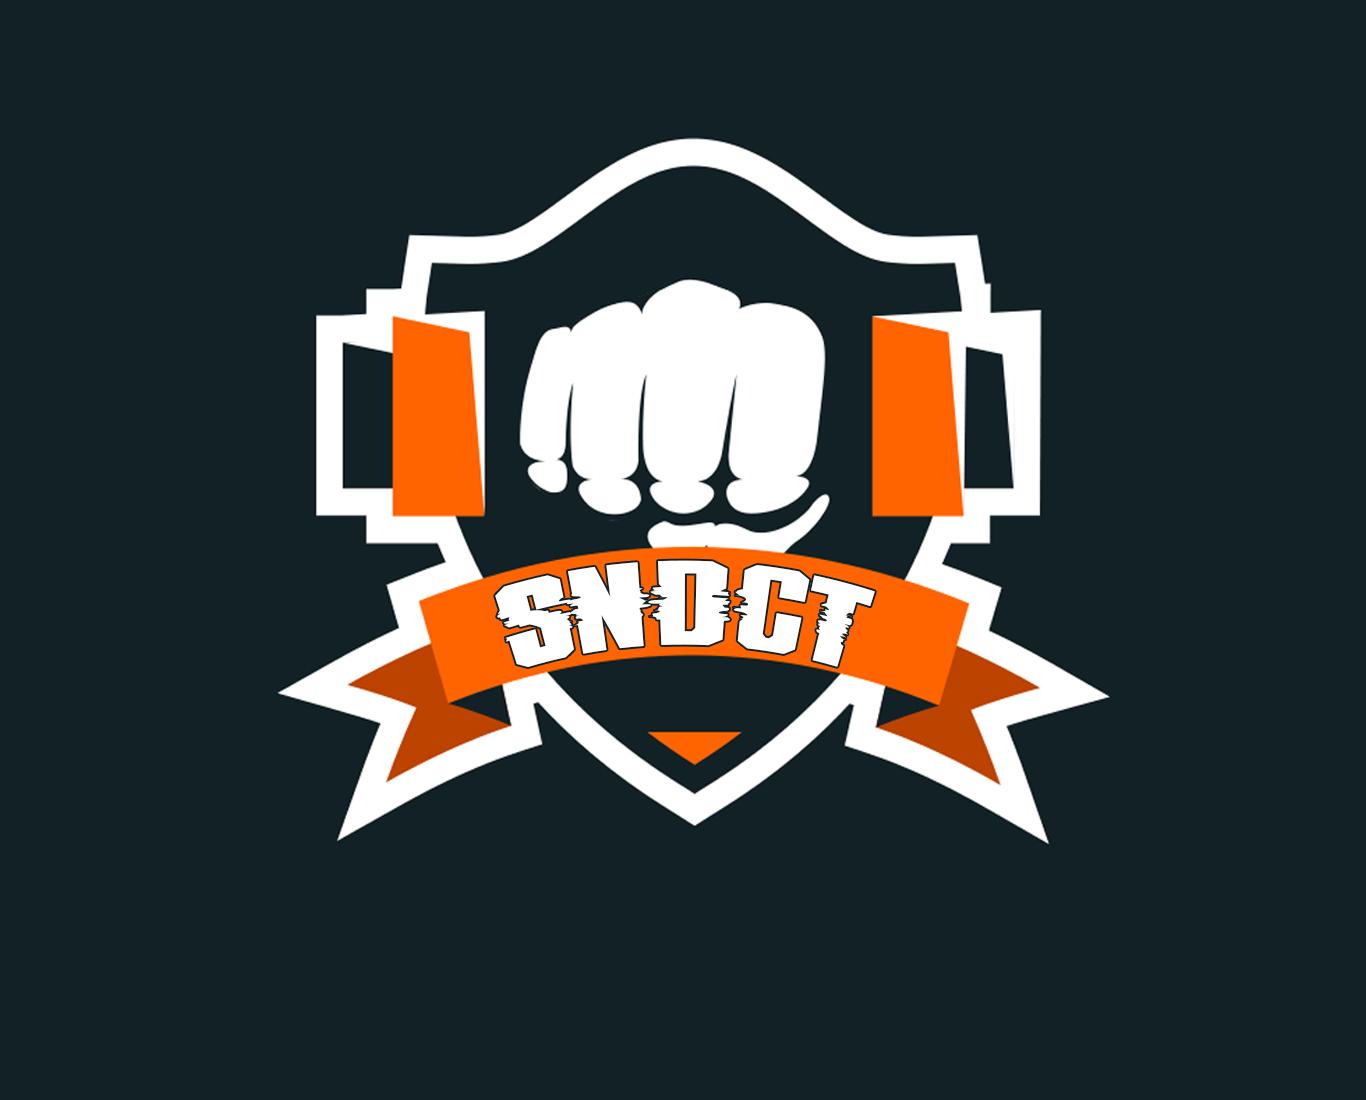 Создать логотип для сети магазинов спортивного питания фото f_9245976264a1658d.jpg